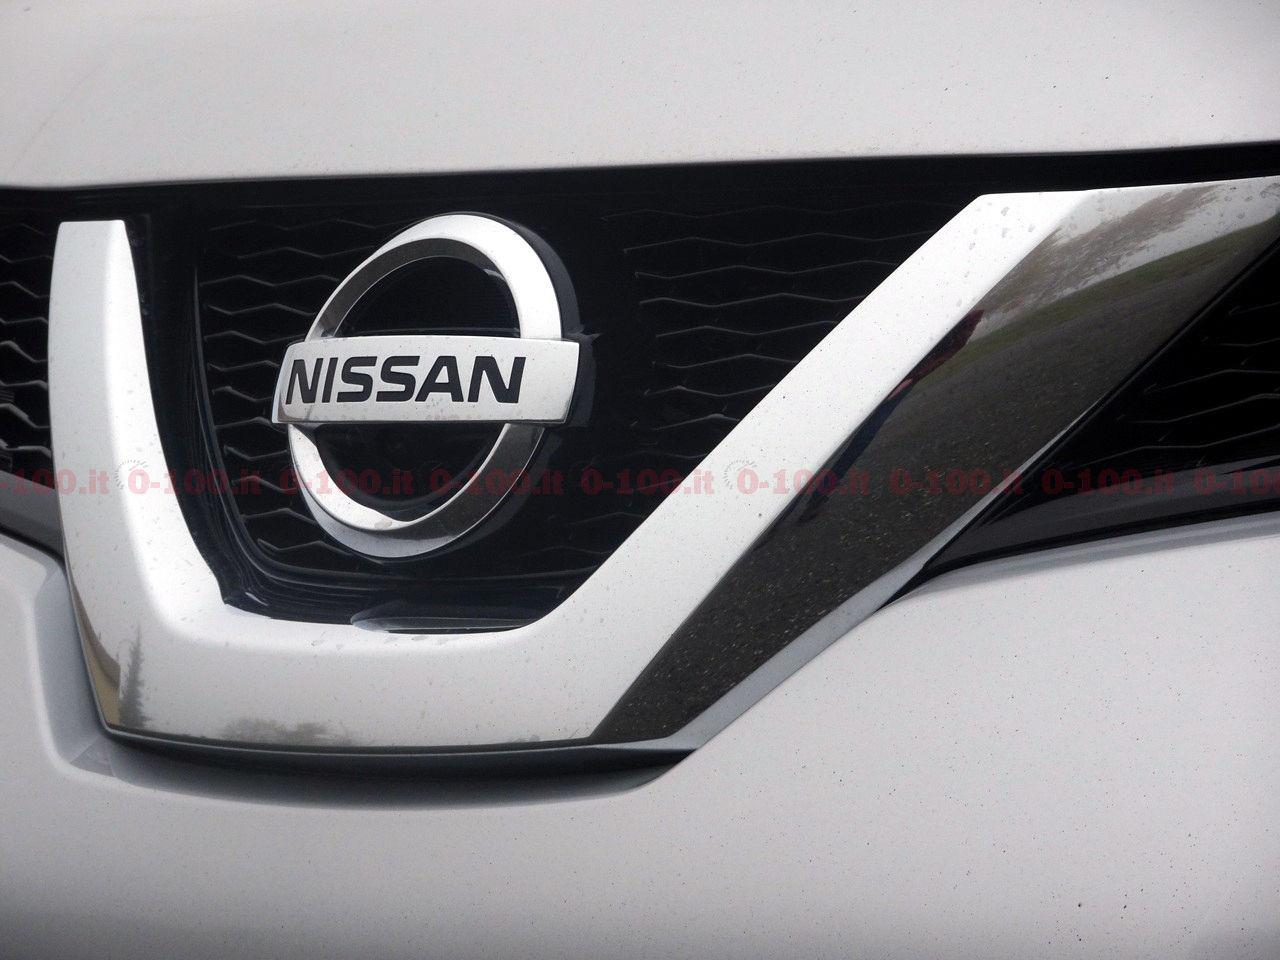 nissan-x-trail_dci-130-turbodiesel-tekna-test-drive-0-100_25